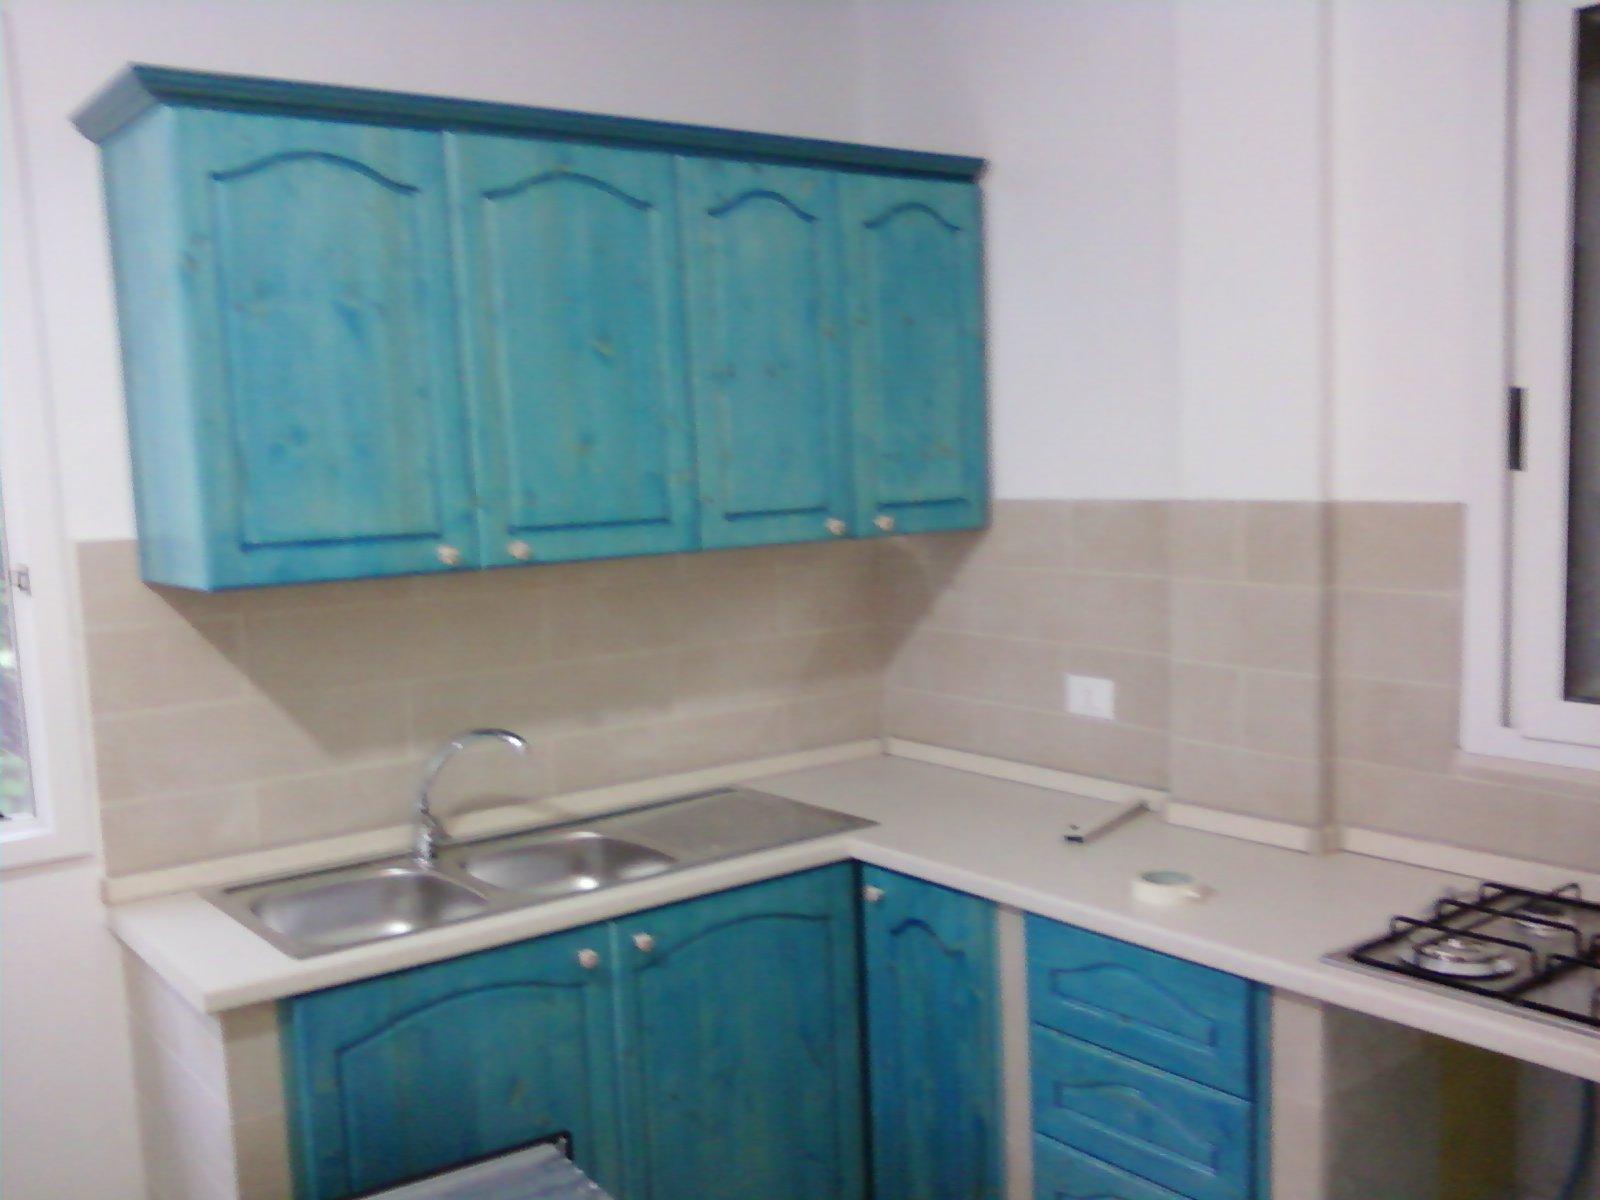 Fai da te hobby legno cucina in muratura - Rinnovare ante cucina fai da te ...